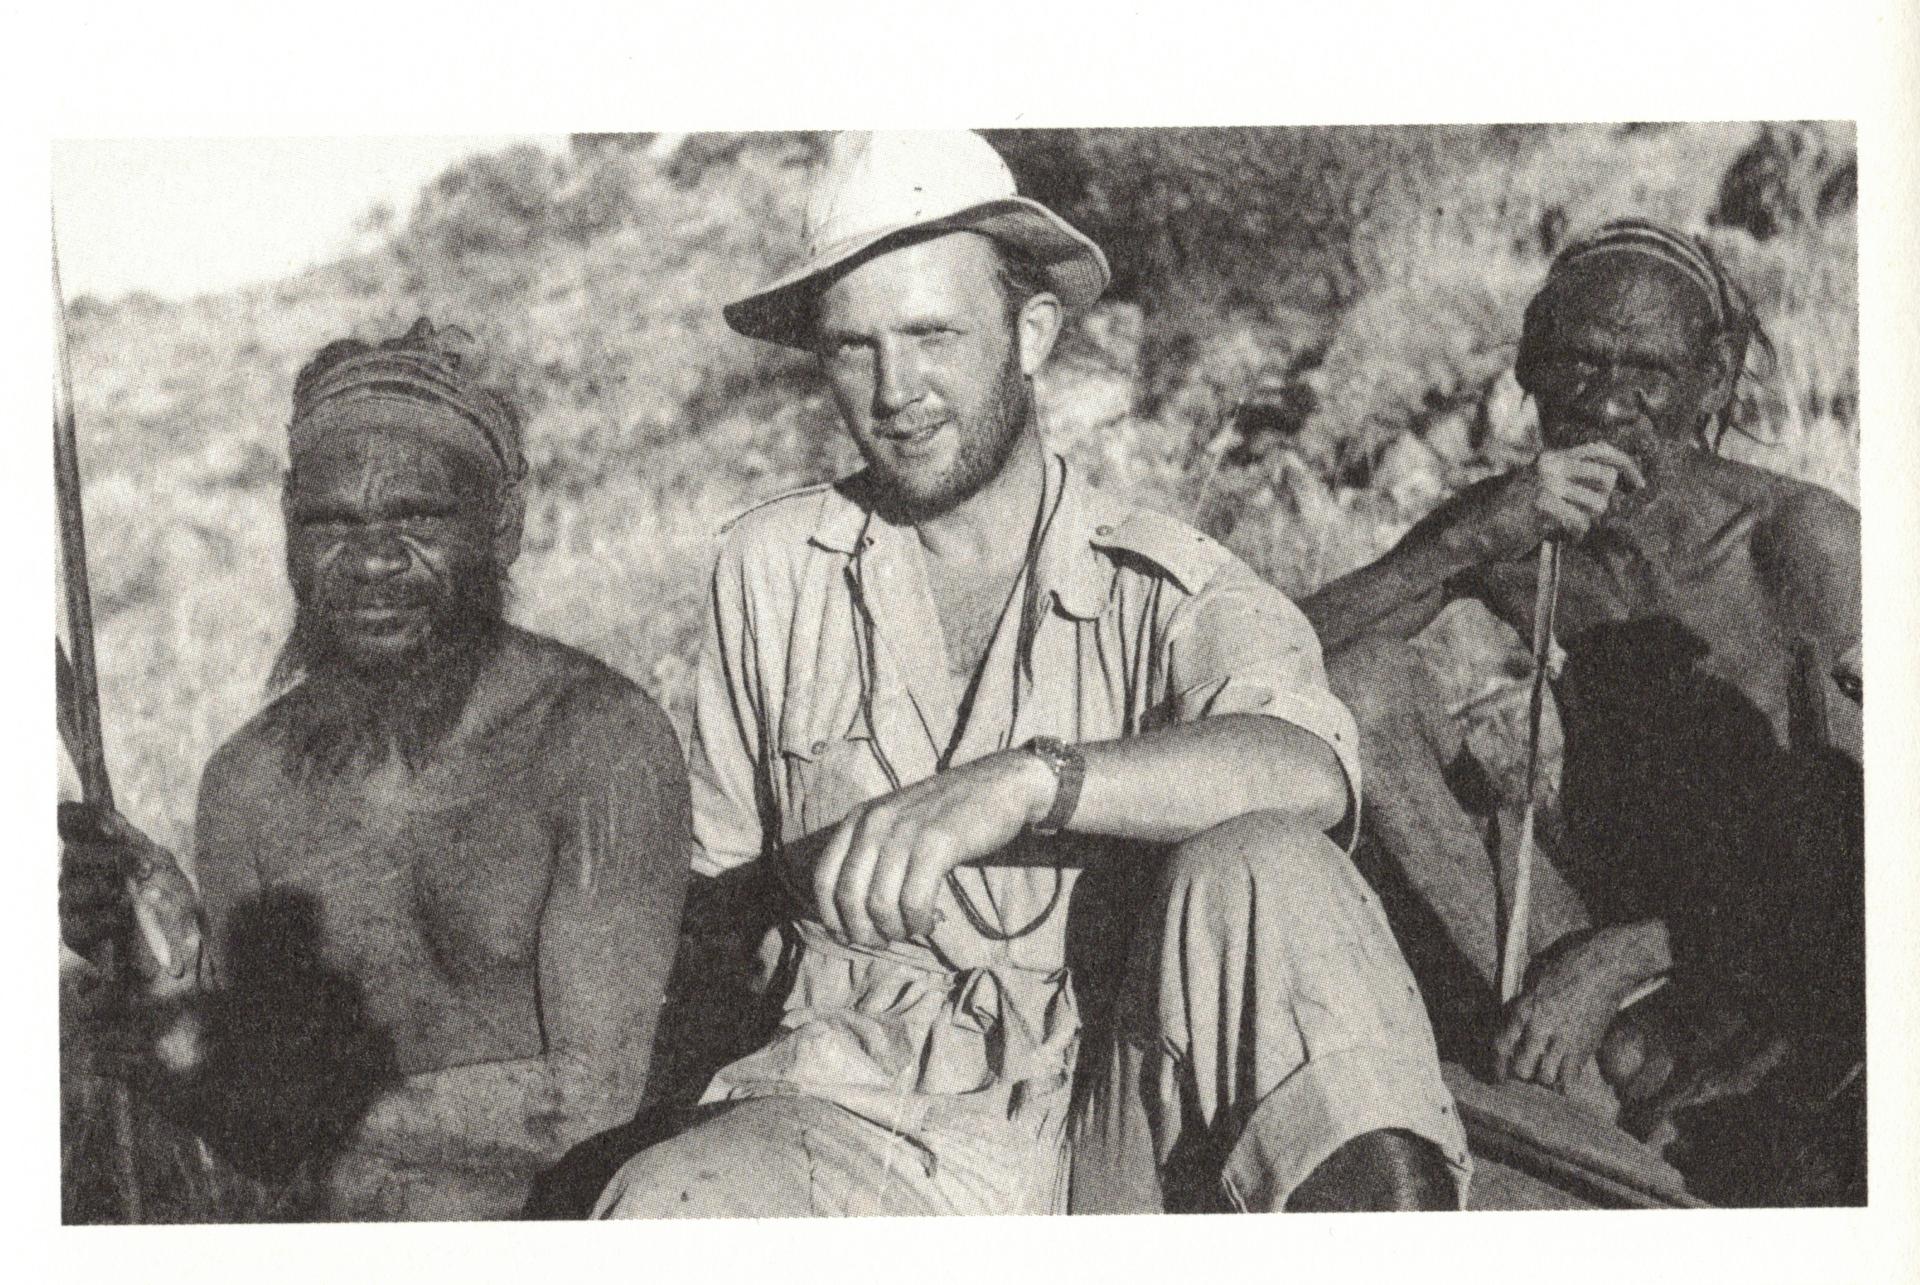 Jens Bjerre hos de aboriginals i Australien. Privatfoto.